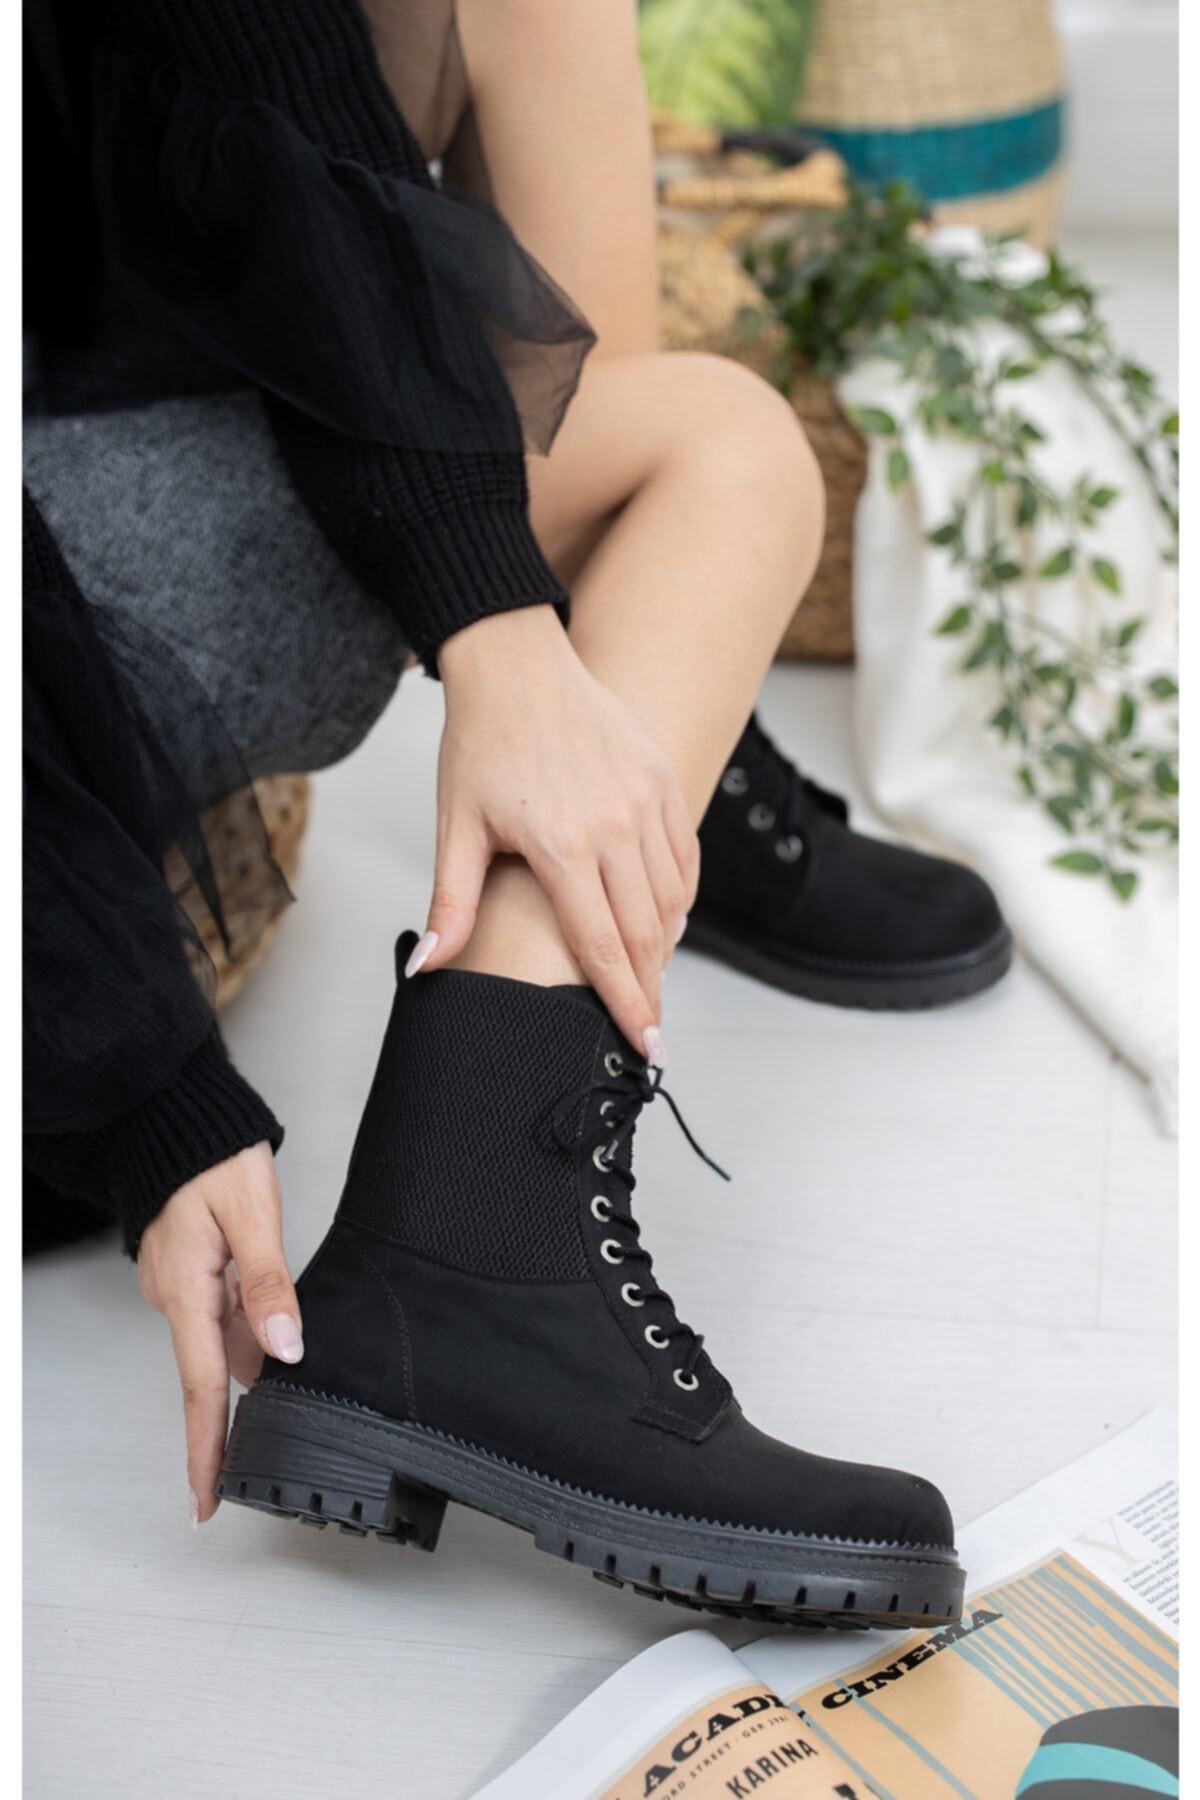 meyra'nın ayakkabıları Siyah Süet Lastikli Postal 2